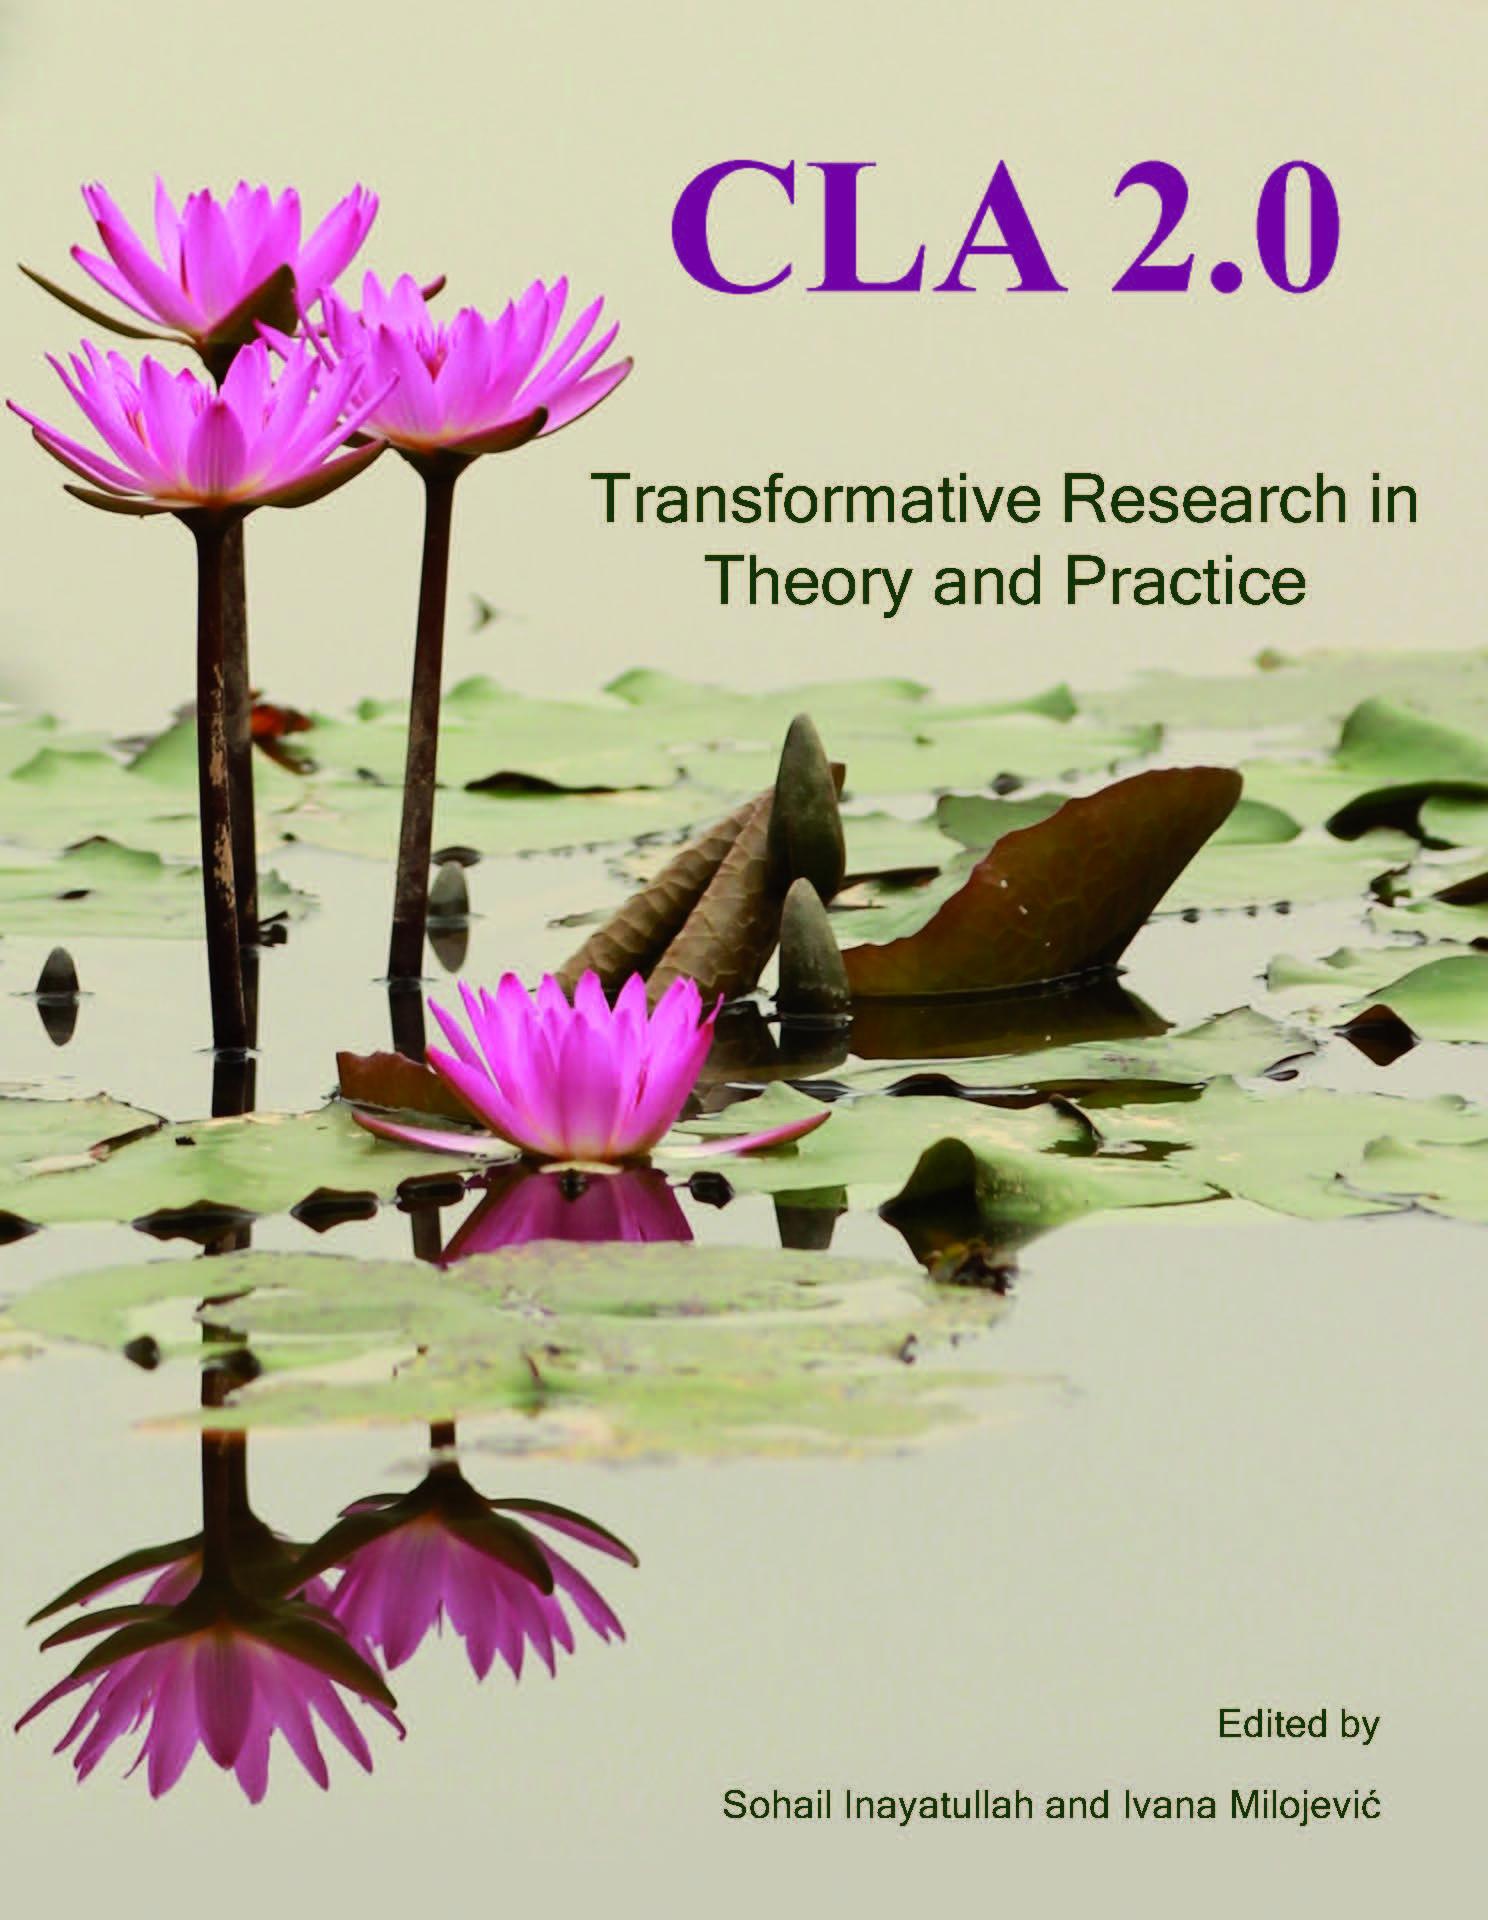 CLA 2.0 book cover